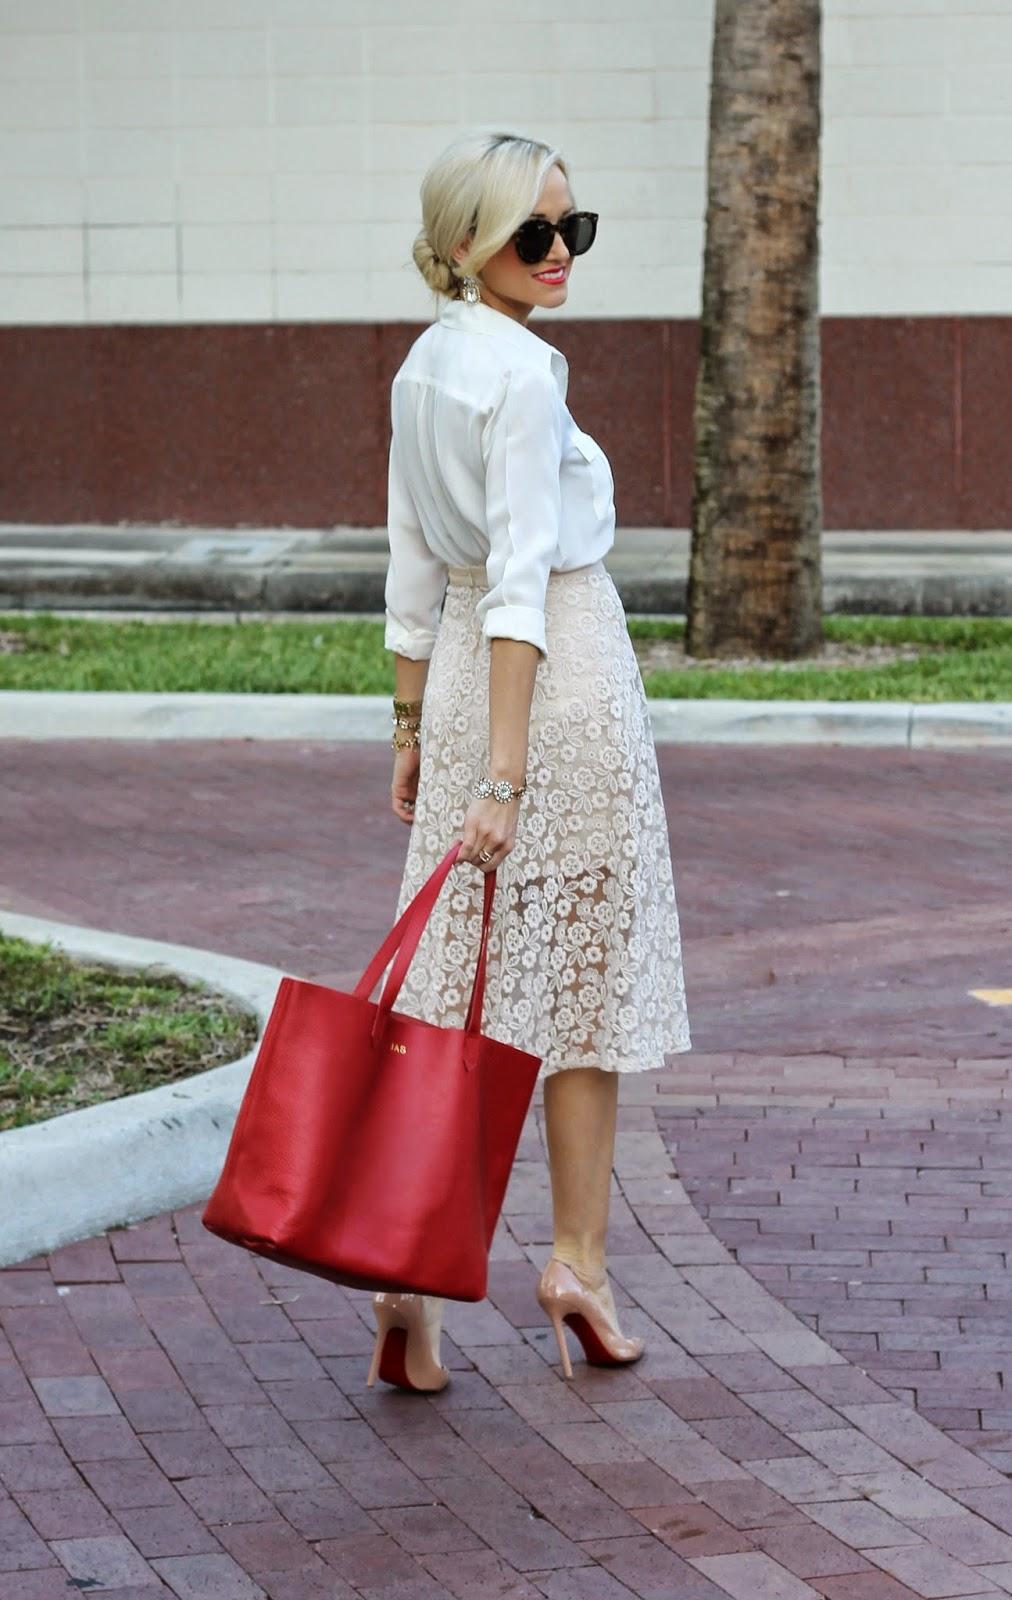 IMG 5688 edited 1425 Modne blogerke: Najbolji modni stil nedelje